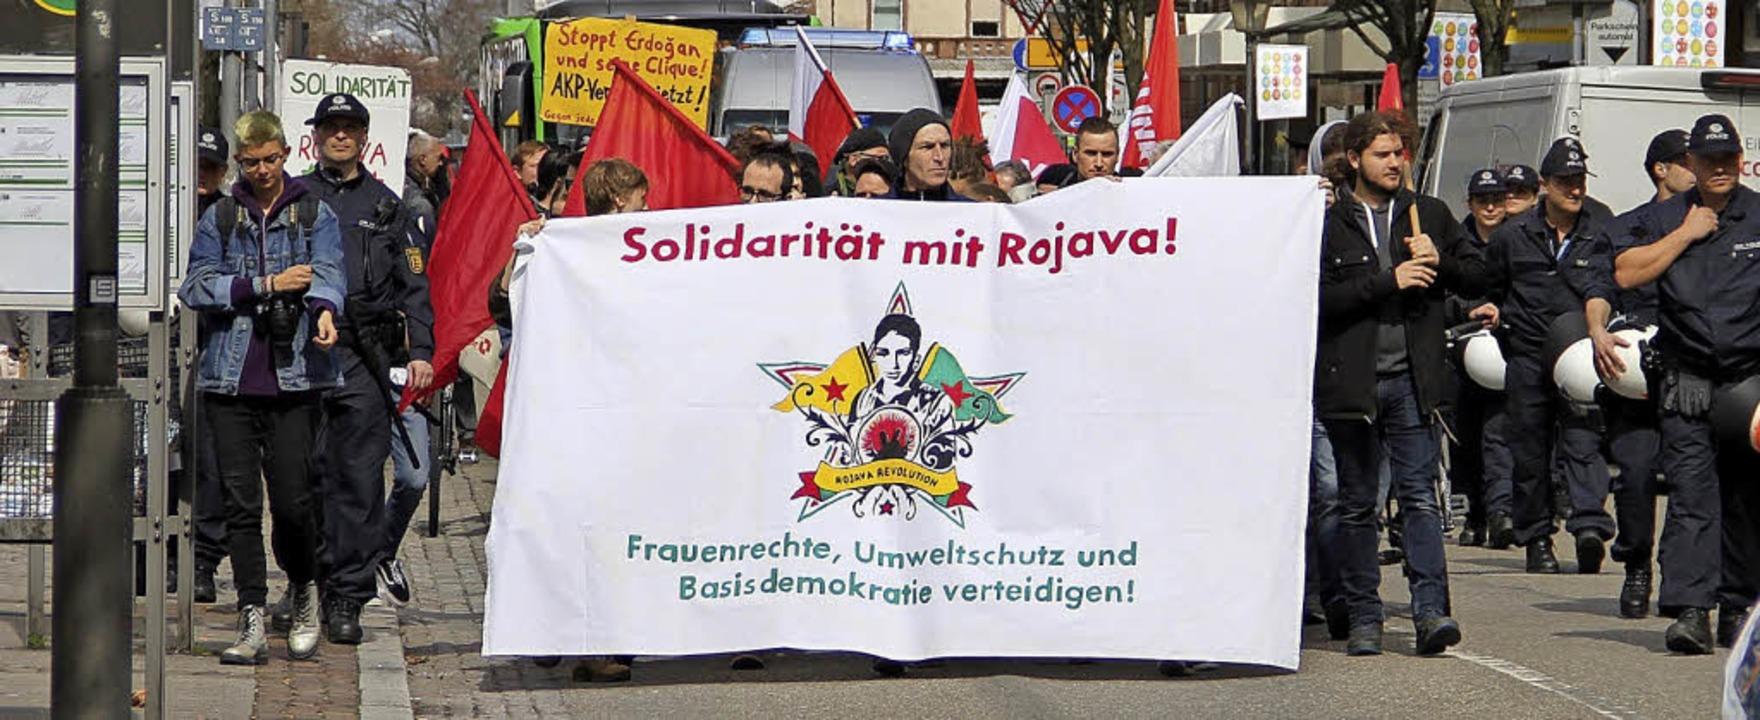 Vielfach waren die Anliegen der Teilnehmer des Ostermarsches.     Foto: Judith reinbold